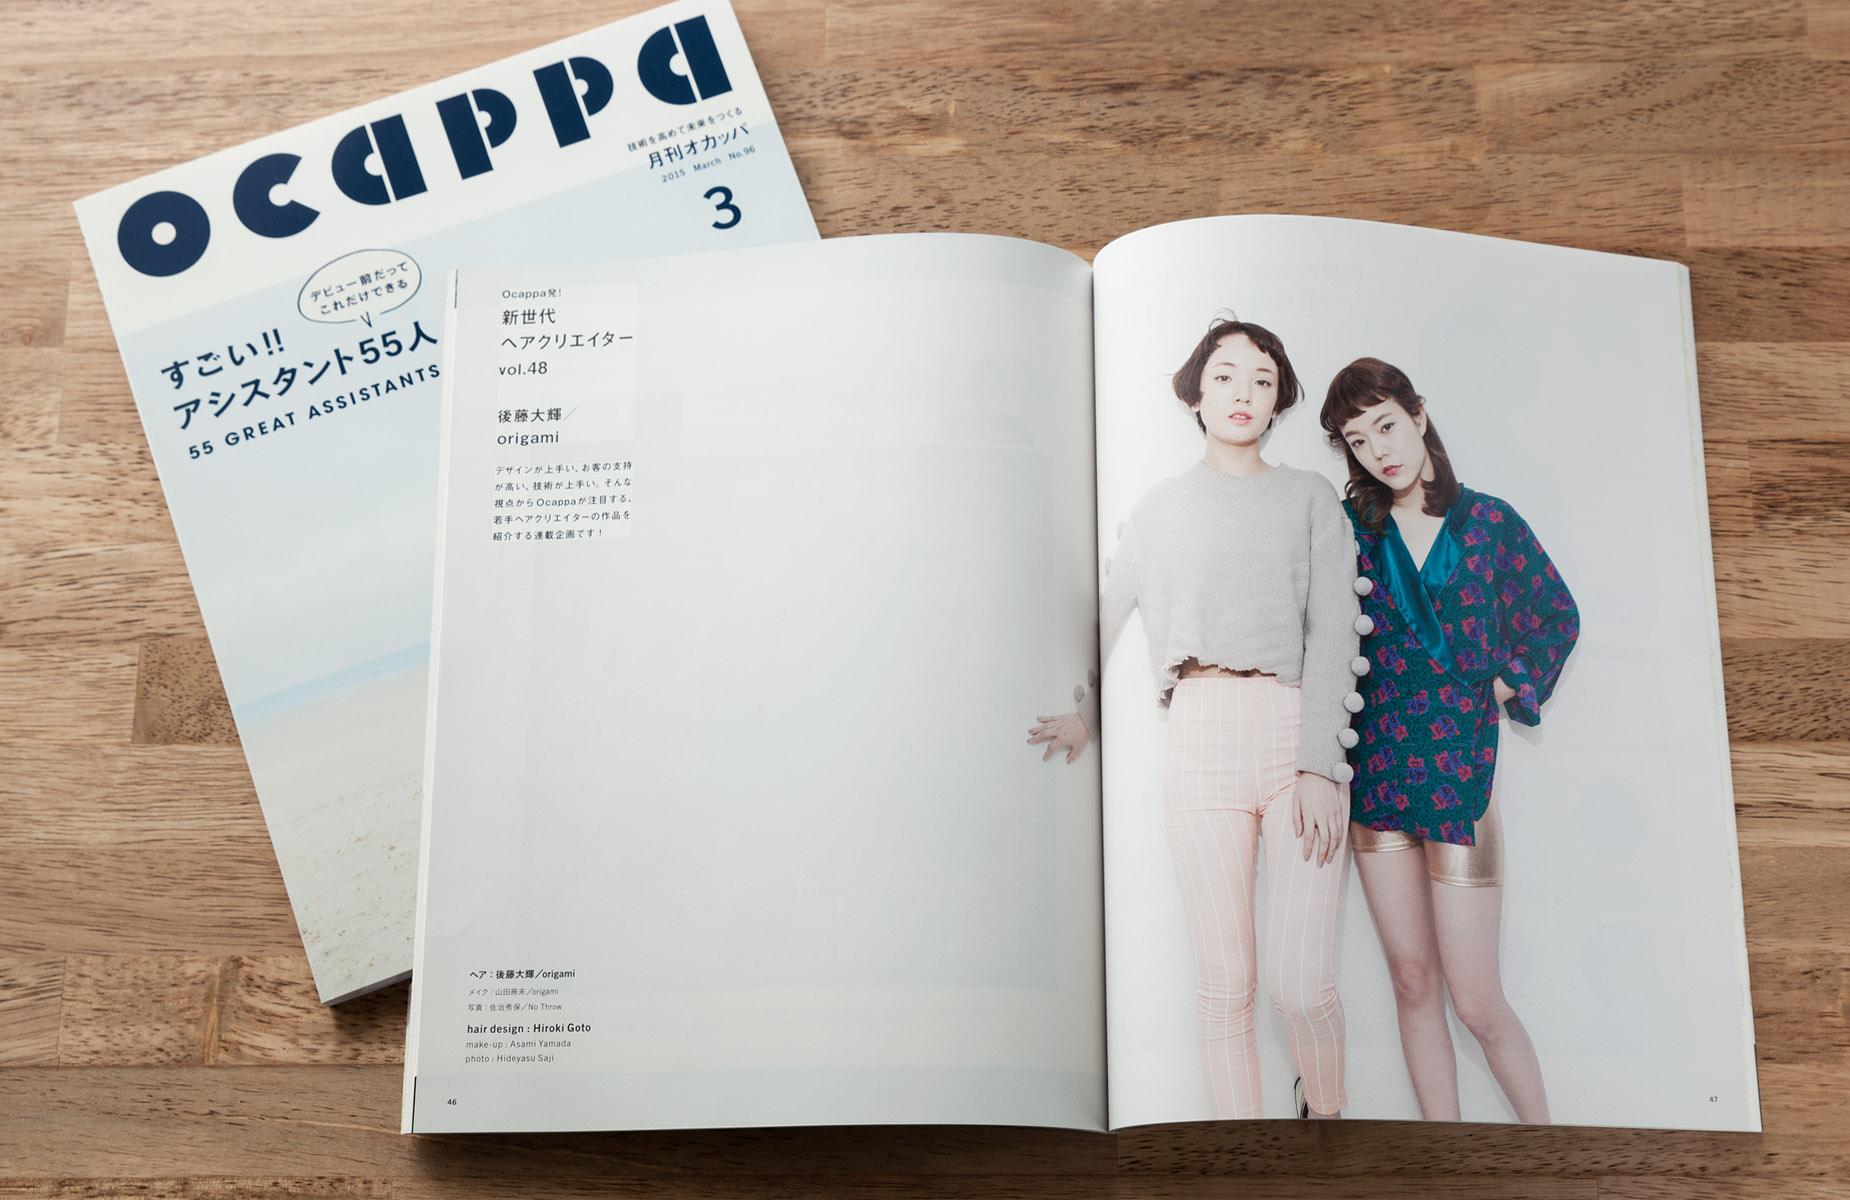 20150306_ocappa撮影